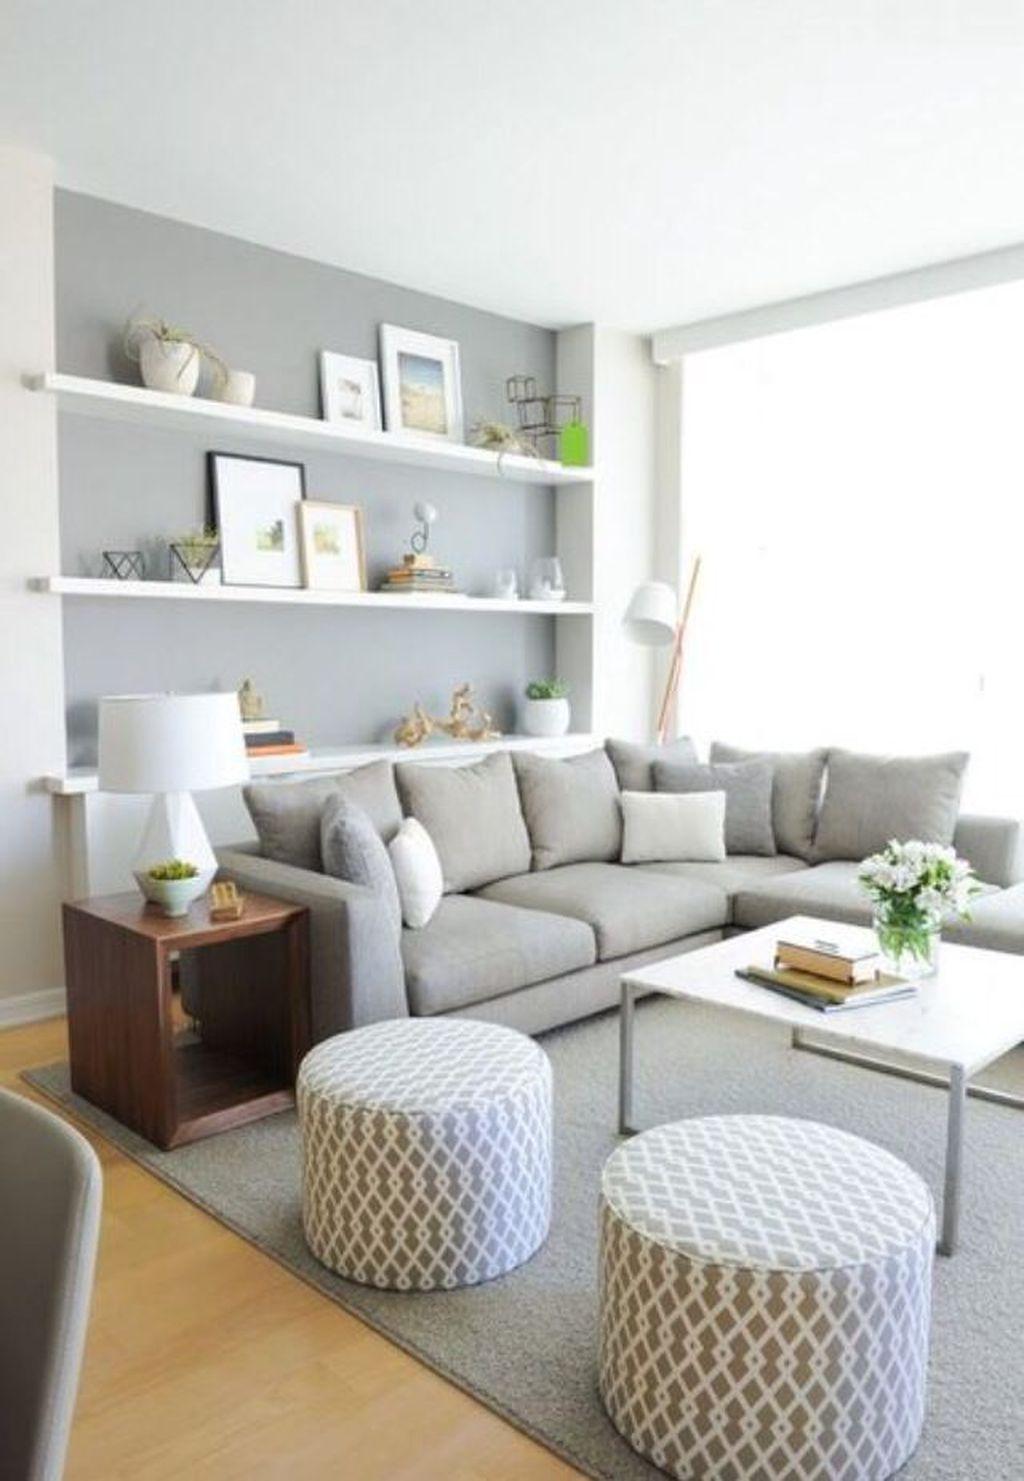 идеи для бюджетного обустройства небольших квартир фото 2